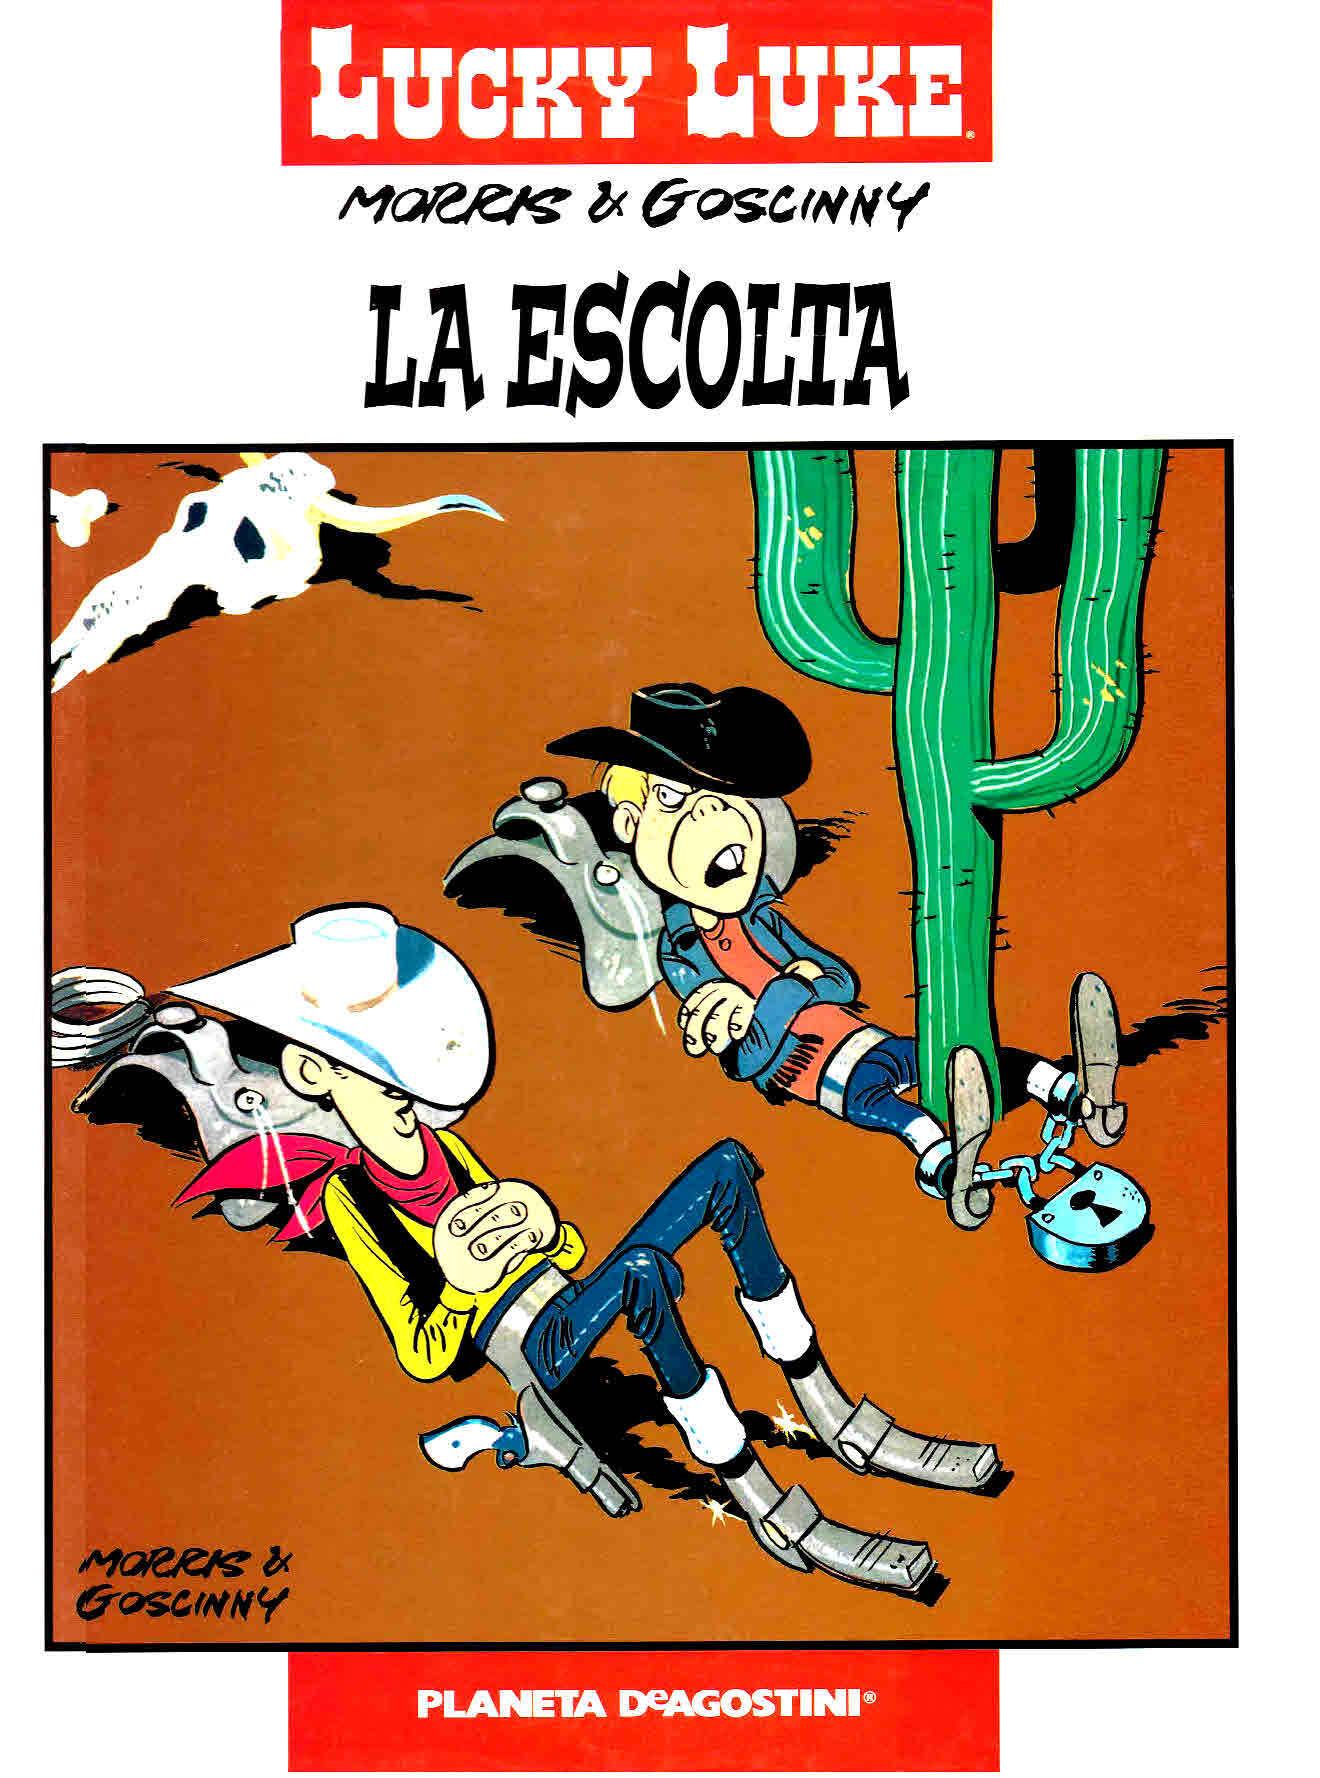 La Escolta (Lucky Luke, #28)  by  Morris